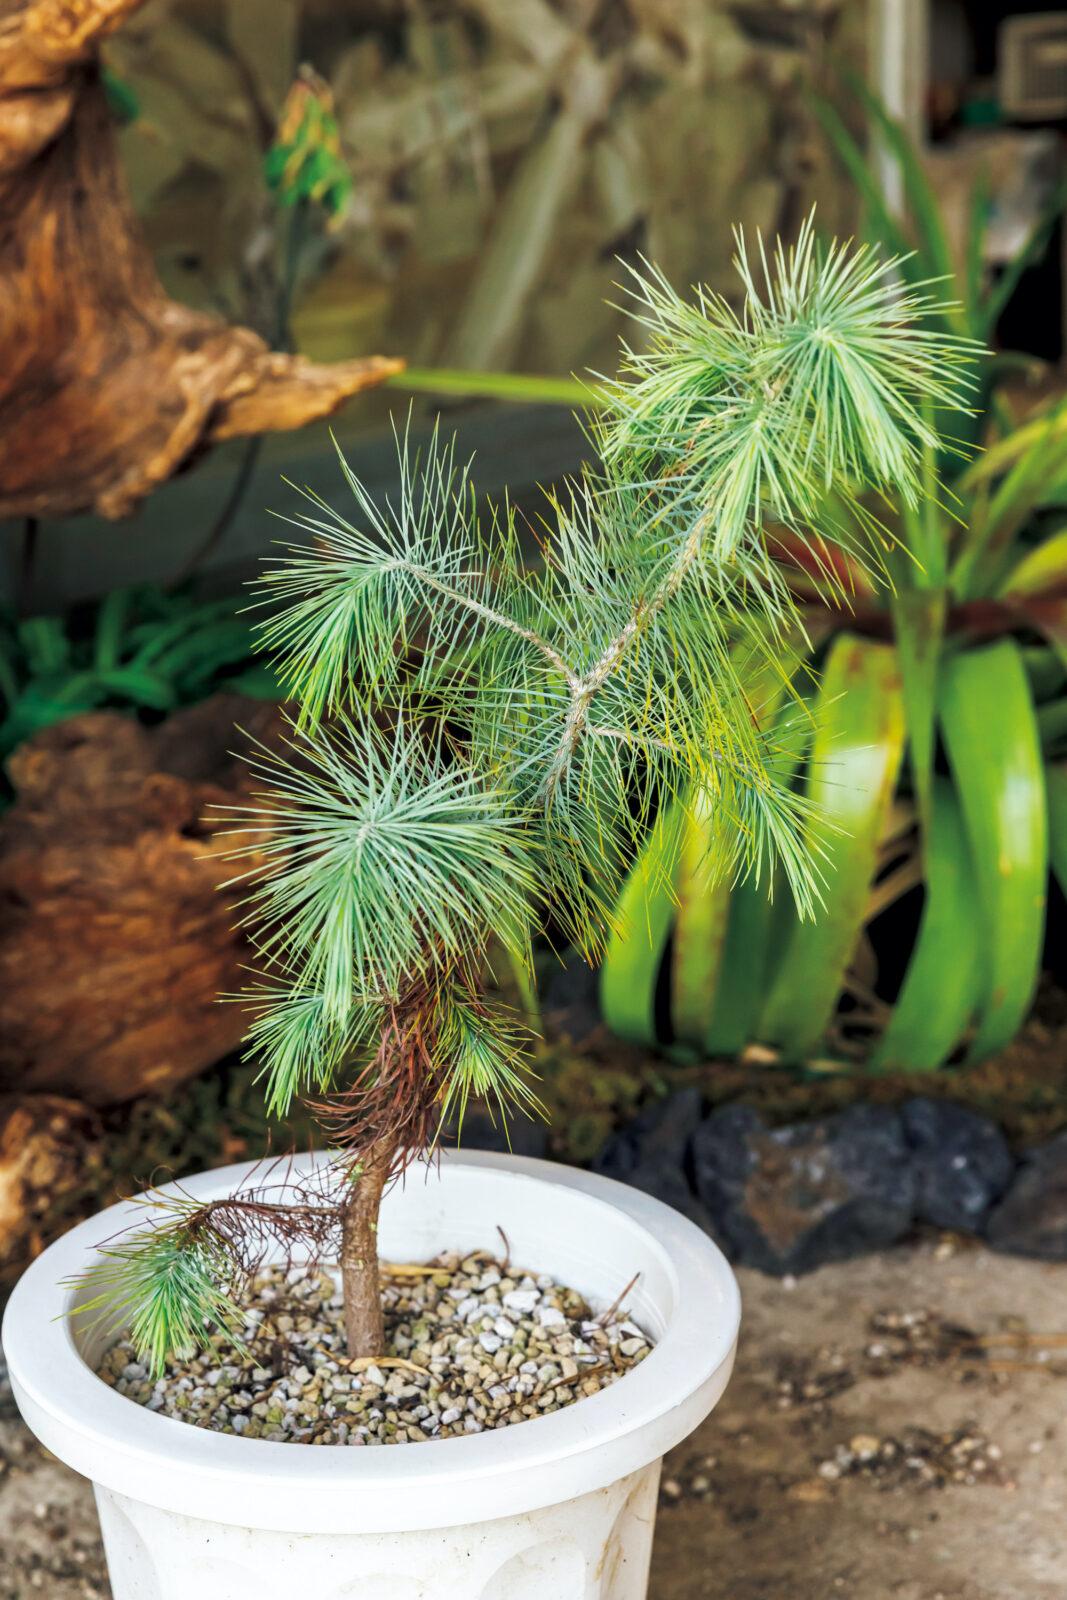 Pinus maximartinezii/ピナス マキシマルチネジーその日まで精進するしかない……。メキシコ中部原産の珍しい松の一つ……。青白い葉……、たまらん~、こんなの最高!と一株は地植え……、一株は鉢植えで維持している。和名はマルチネスピニョンマツ……。20㎝を超える松笠がなるらしい……、何年かかるんやろ……。